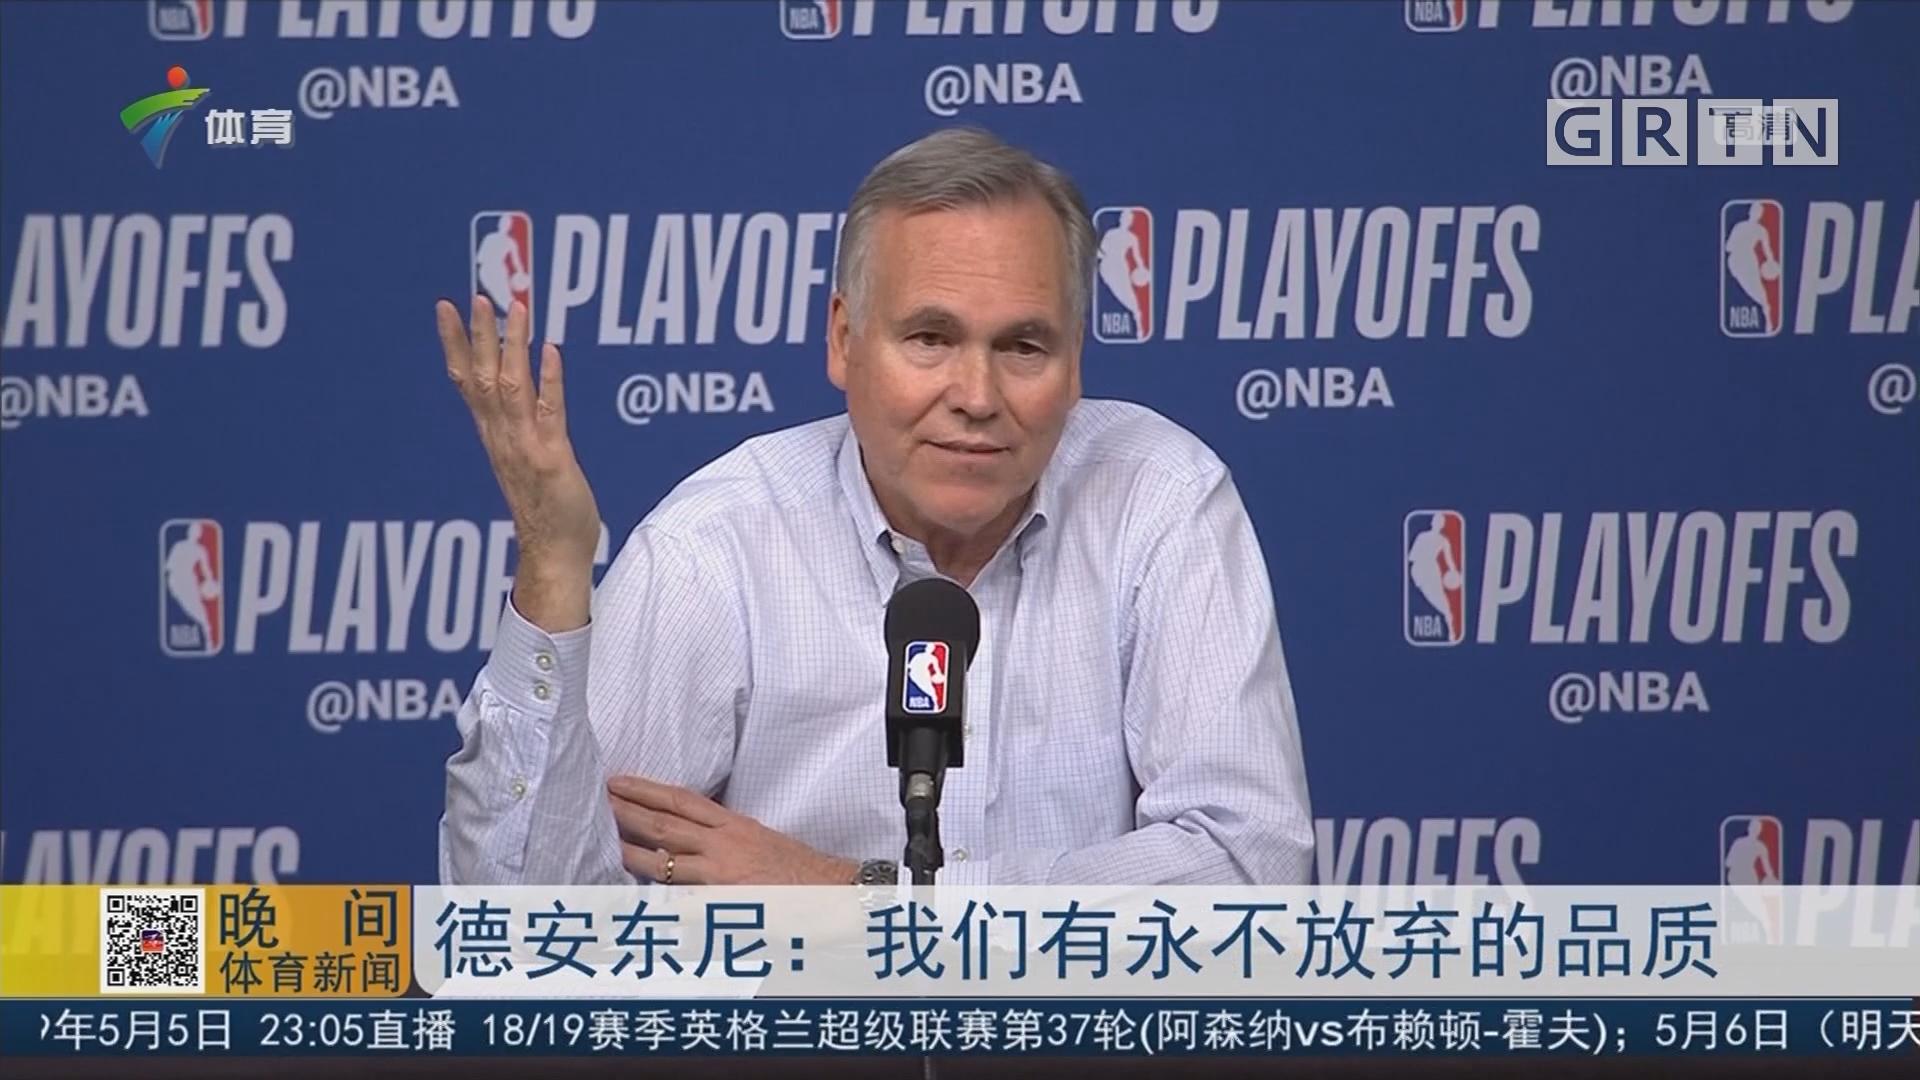 德安东尼:我们有永不放弃的品质